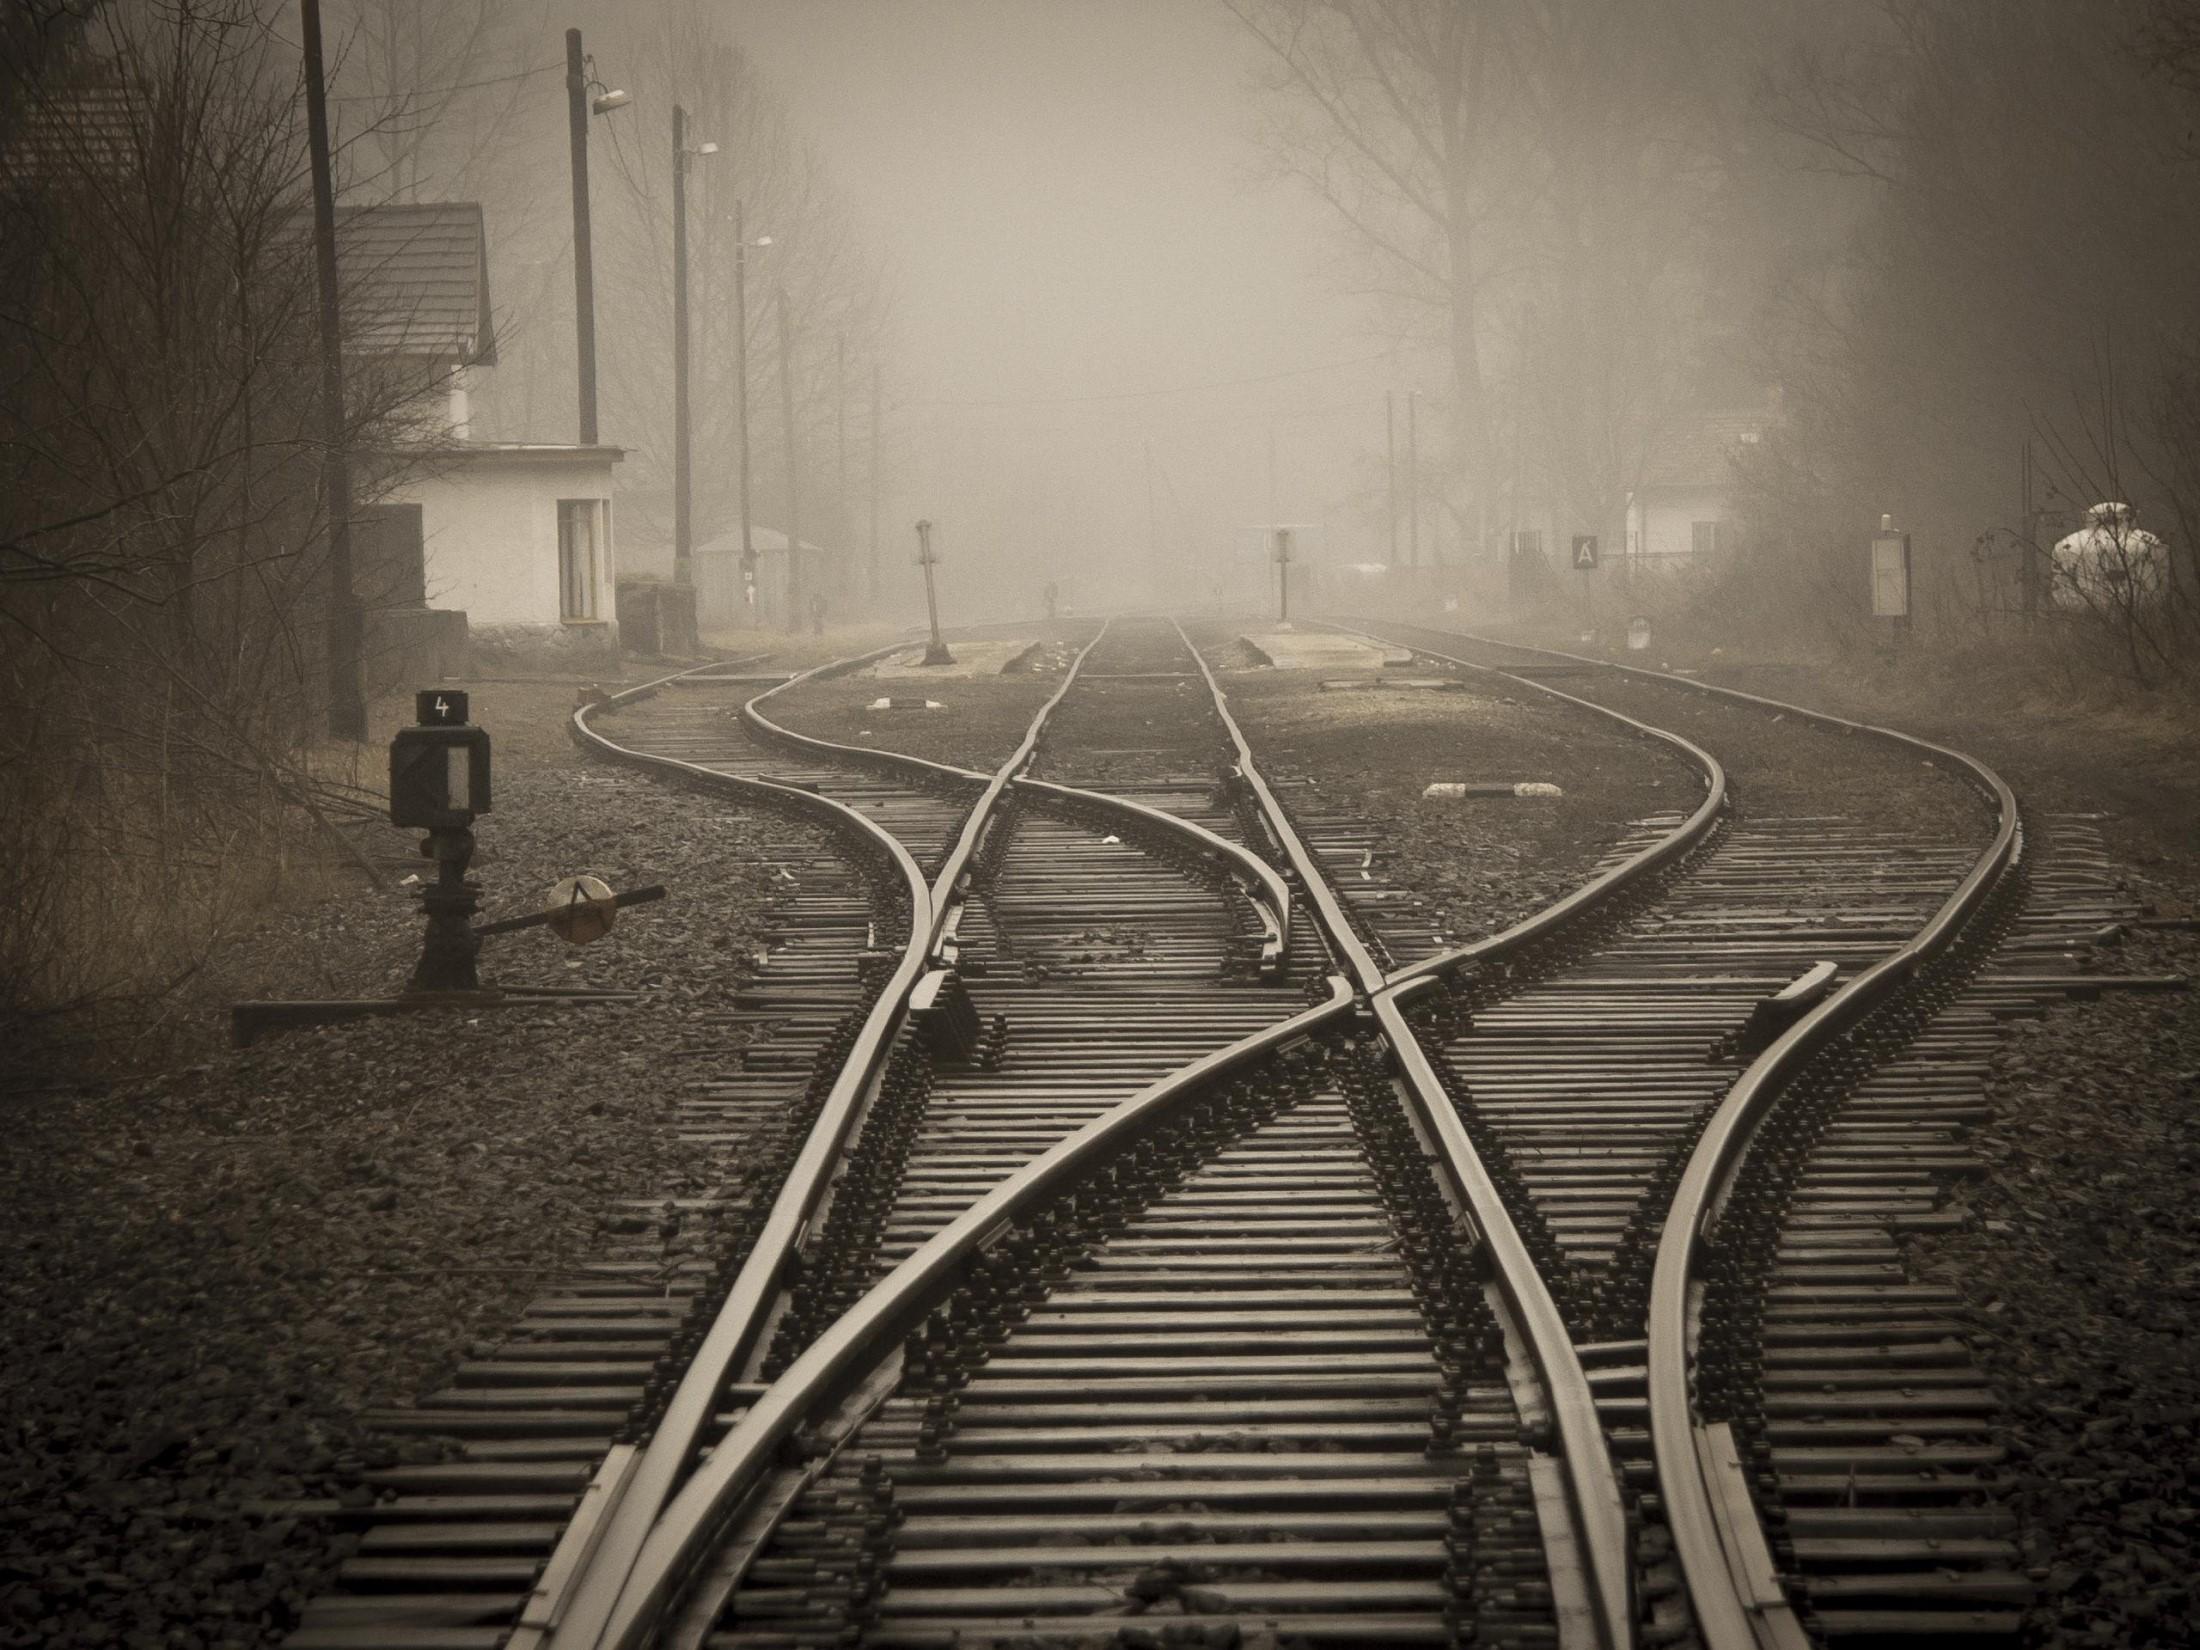 Railroad Tracks In City 258510